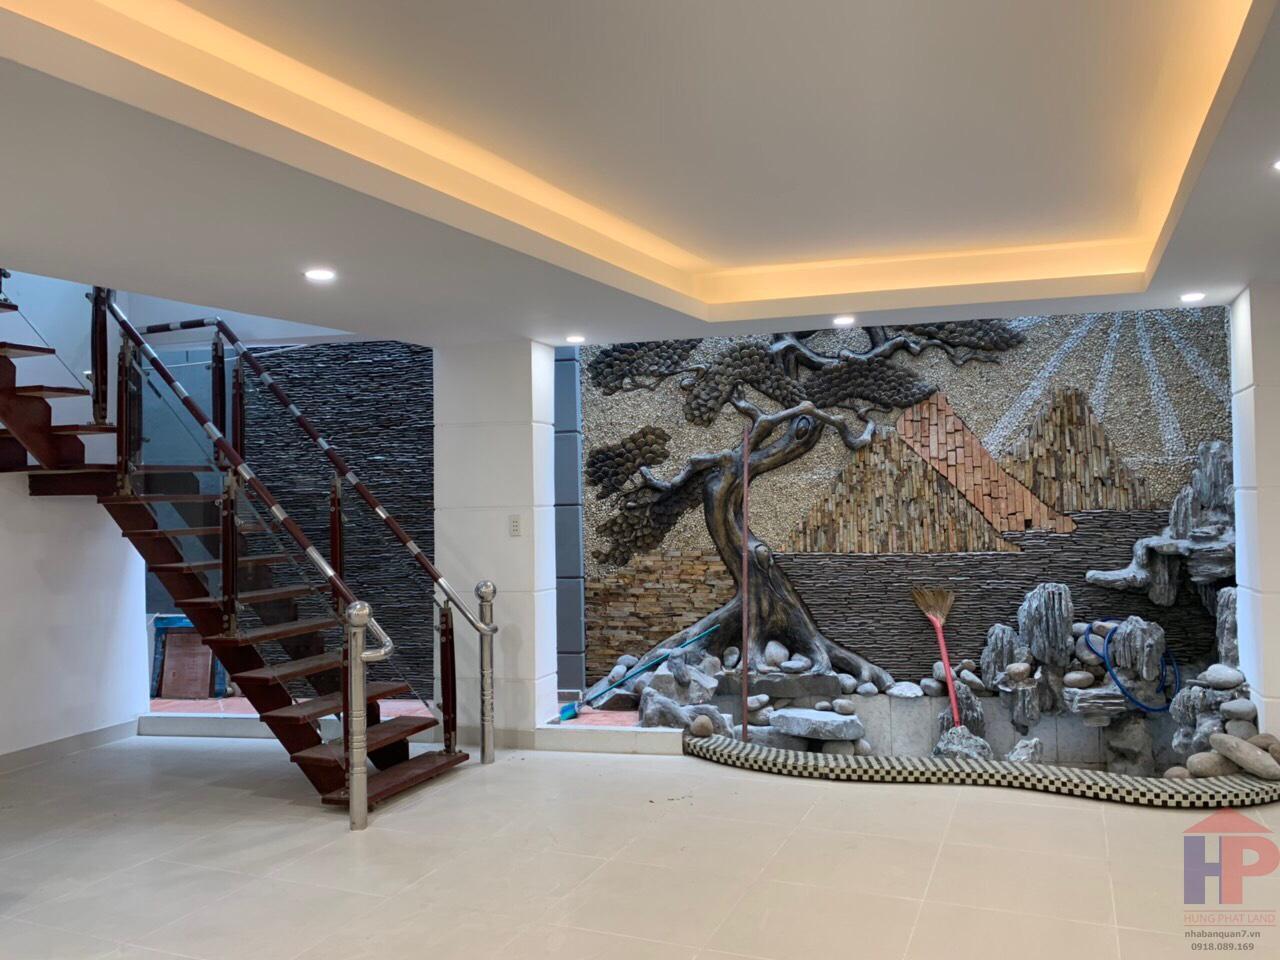 Bán nhà hẻm nội bộ Huỳnh Tấn Phát, Phường Tân Thuận Tây DT 120m2 Giá 8 tỷ LH 0909477288